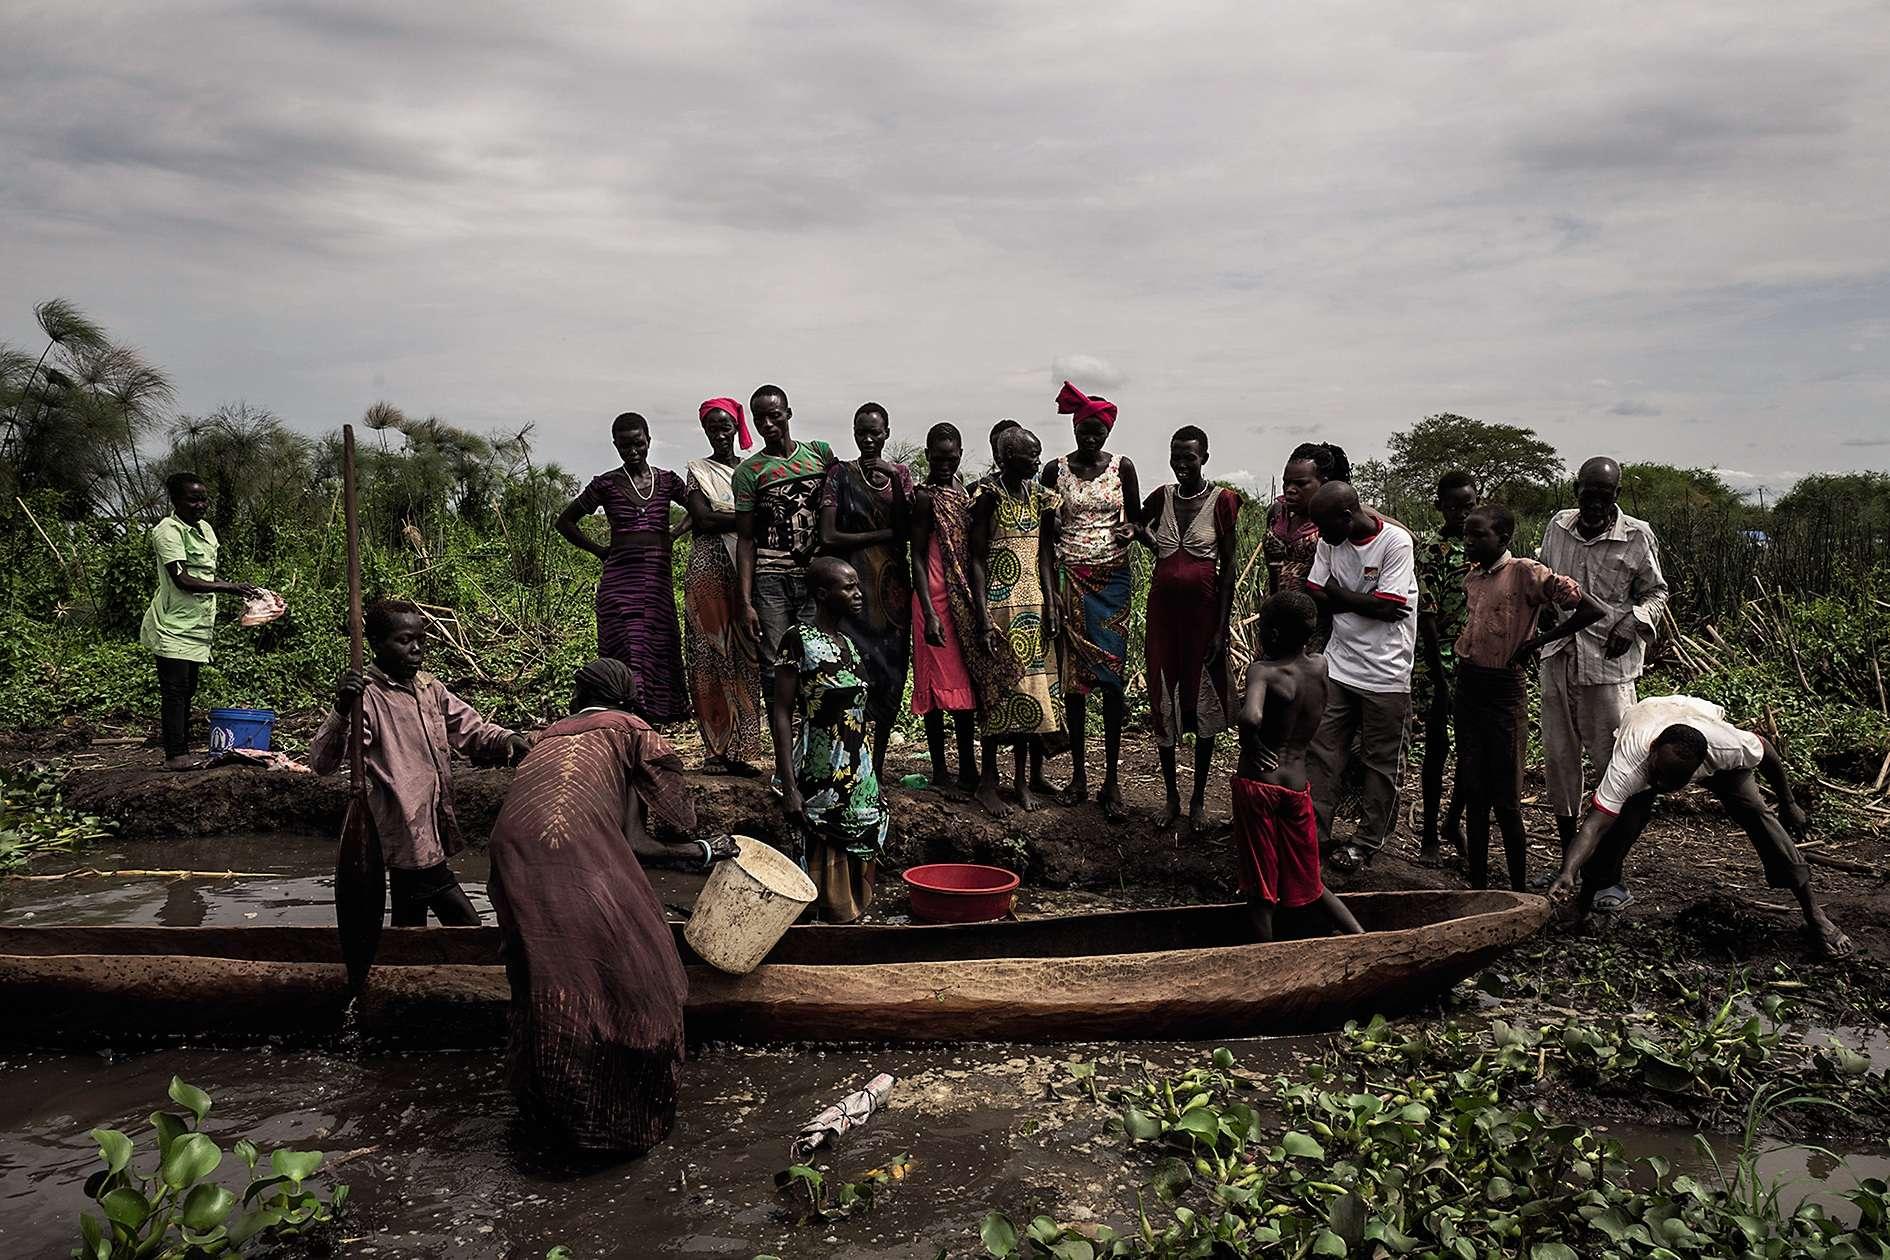 Des villageois attendent sur les bords du Nil la maigre pêche du jour.